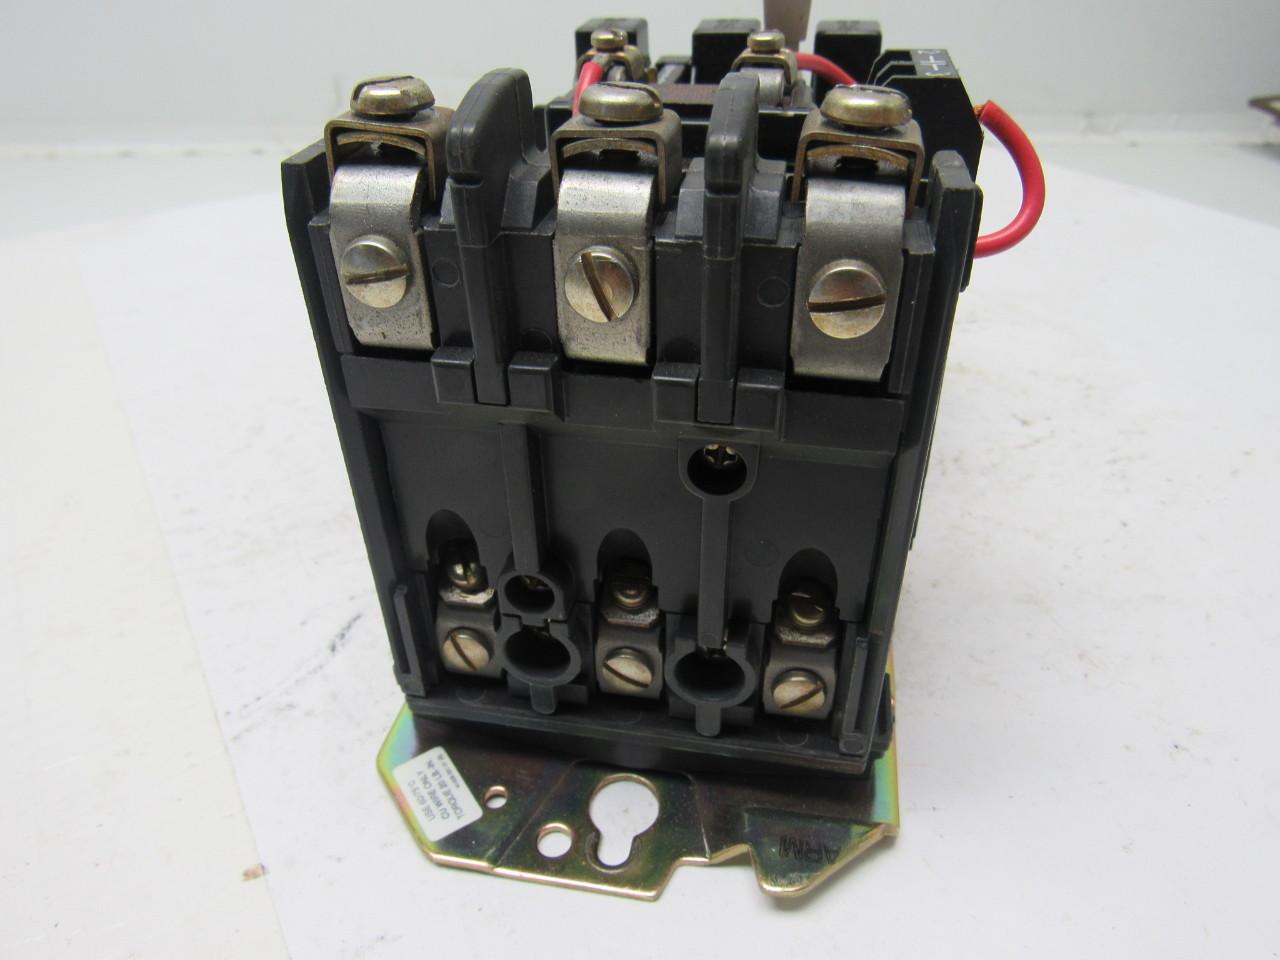 113885 allen bradley 509 a0d series b motor starter 115v coil nema size 0 lot of 2 8?resize=665%2C499 allen bradley 855t bcb wiring diagram wiring diagram 855t bpm10 wiring diagram at soozxer.org